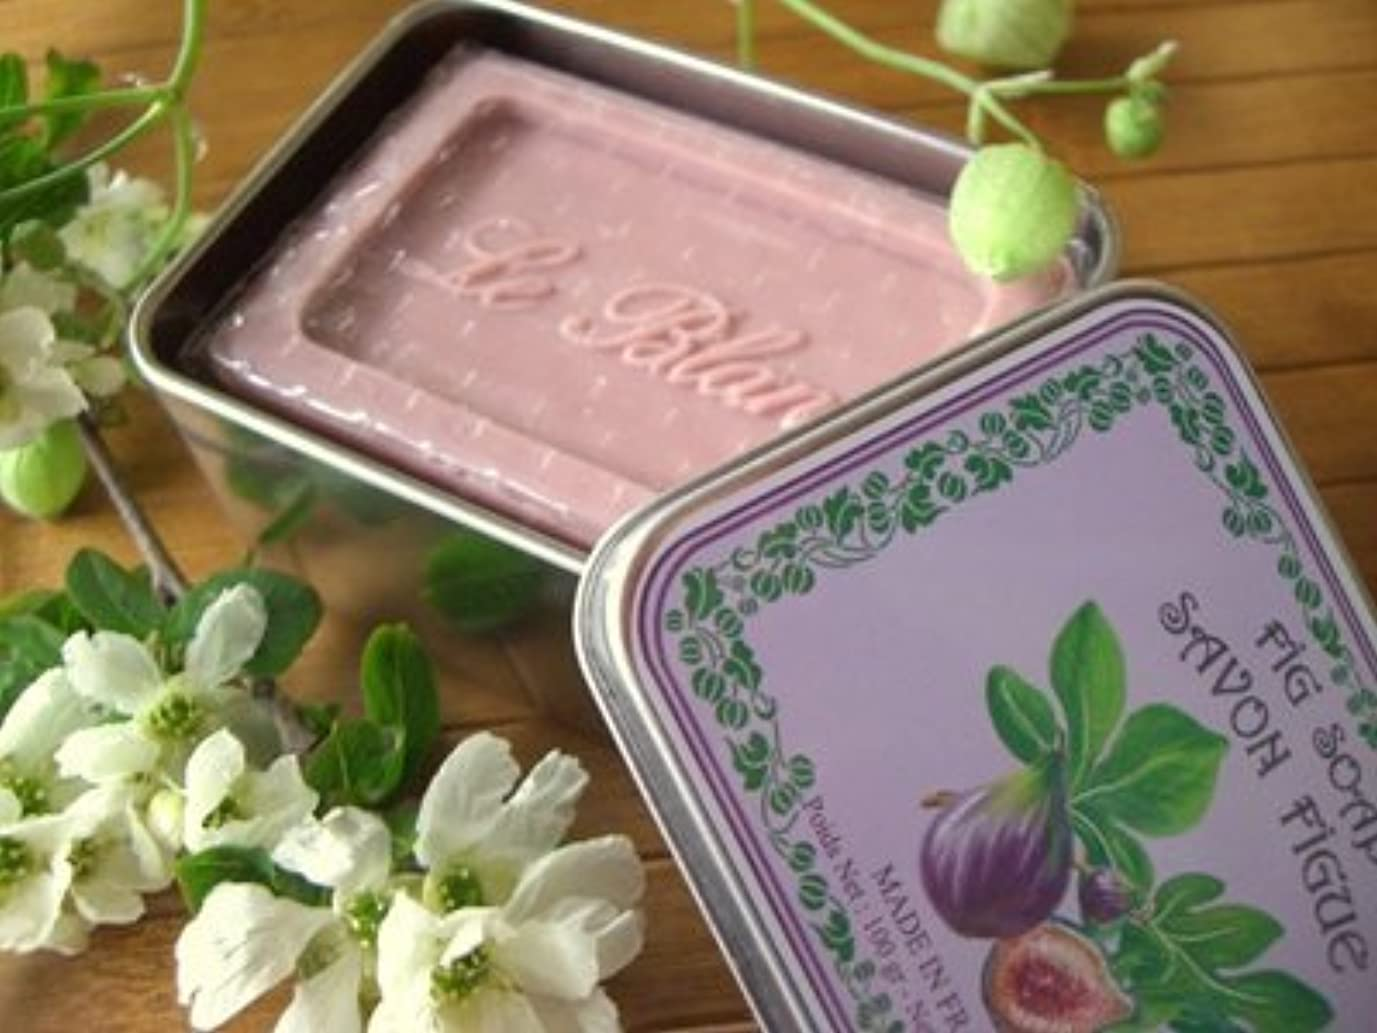 不名誉な容器区別LE BLANC SOAP(ルブランソープ) イチジクの香り LB007ルブランソープ メタルボックス(leblanclb007)